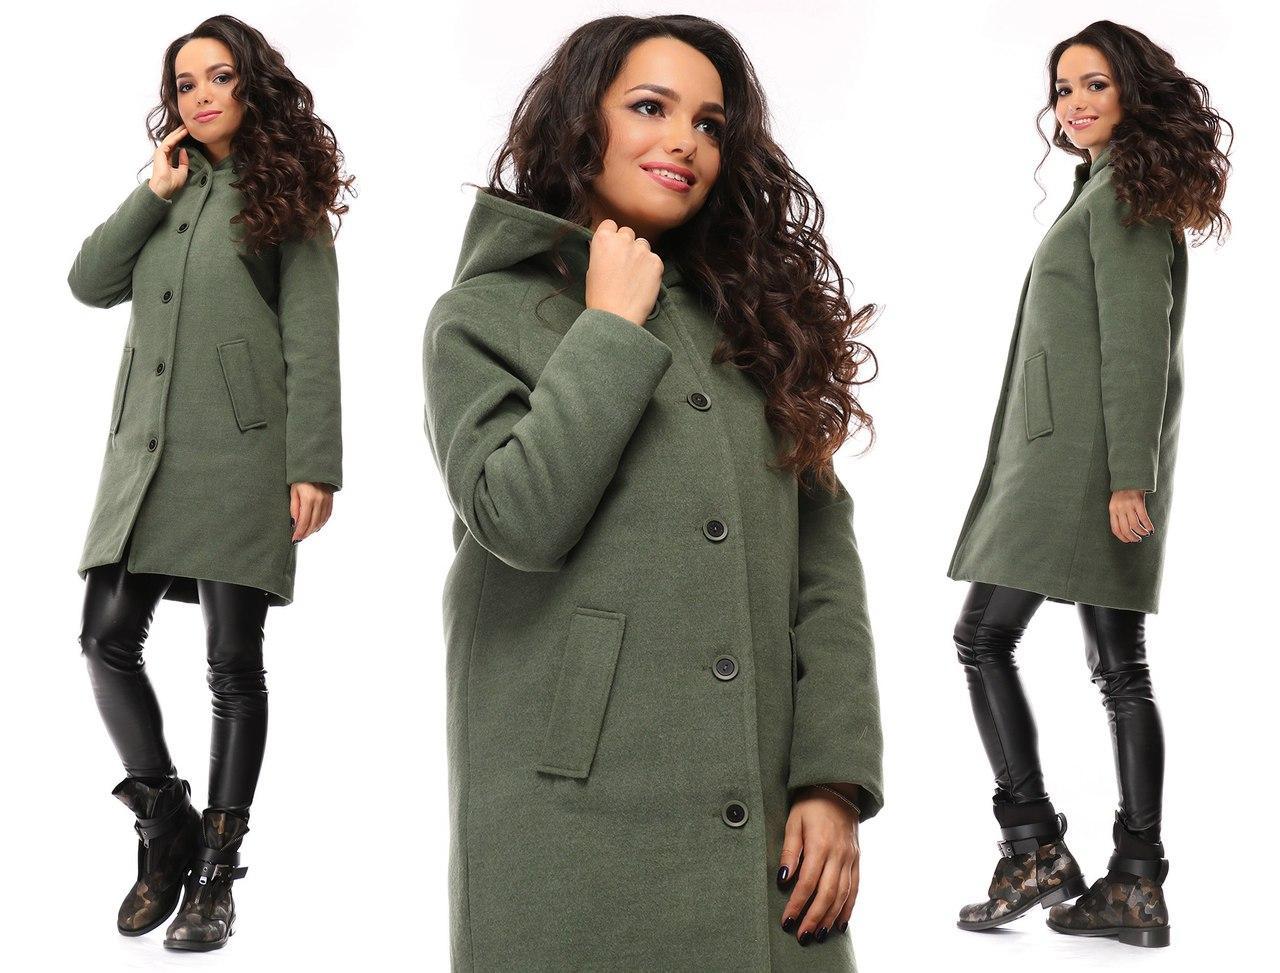 69af6d91325 Женское кашемировое пальто с капюшоном - купить по лучшей цене в ...